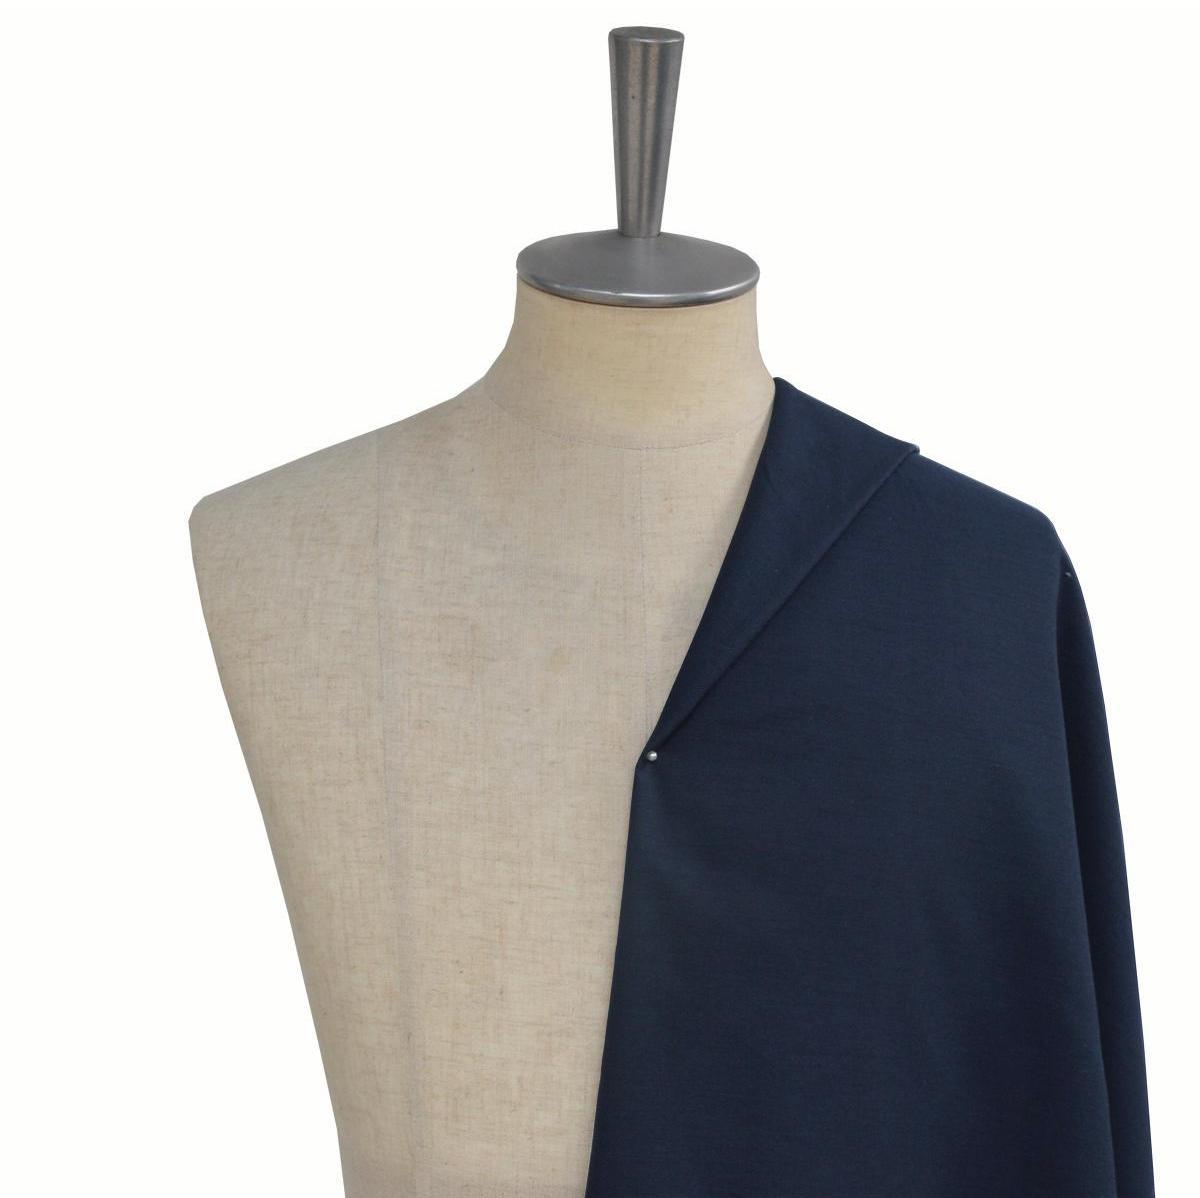 [オーダーシャツ]【形態安定】ネイビーカラーで上半身をすっきりと見せたい方へ